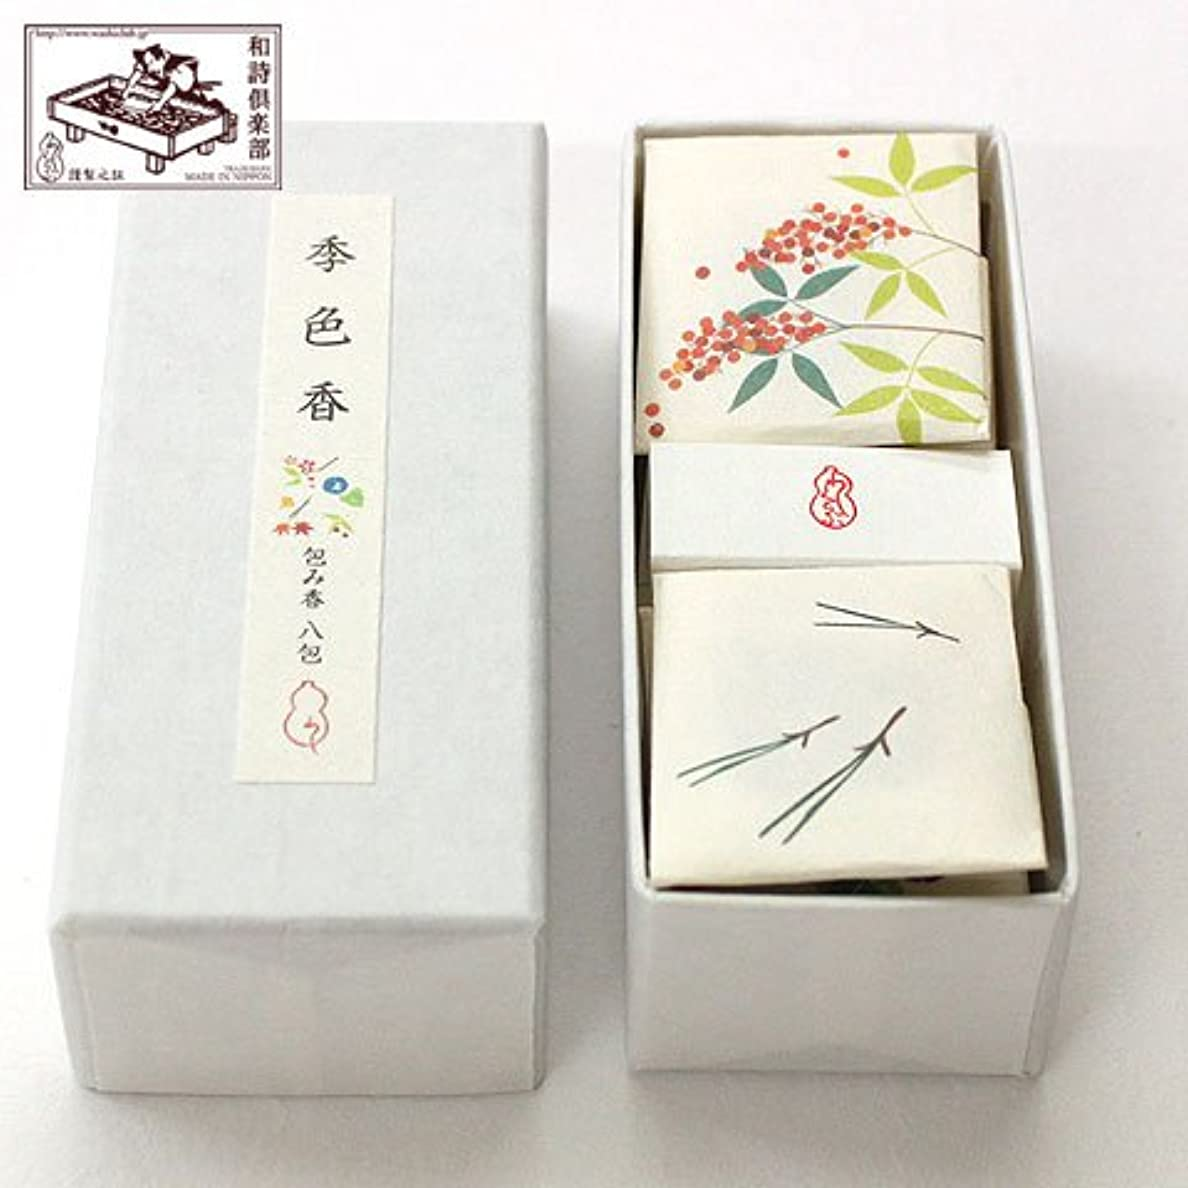 協力するギャンブルスラッシュ文香包み香季色香 (TU-012)和詩倶楽部